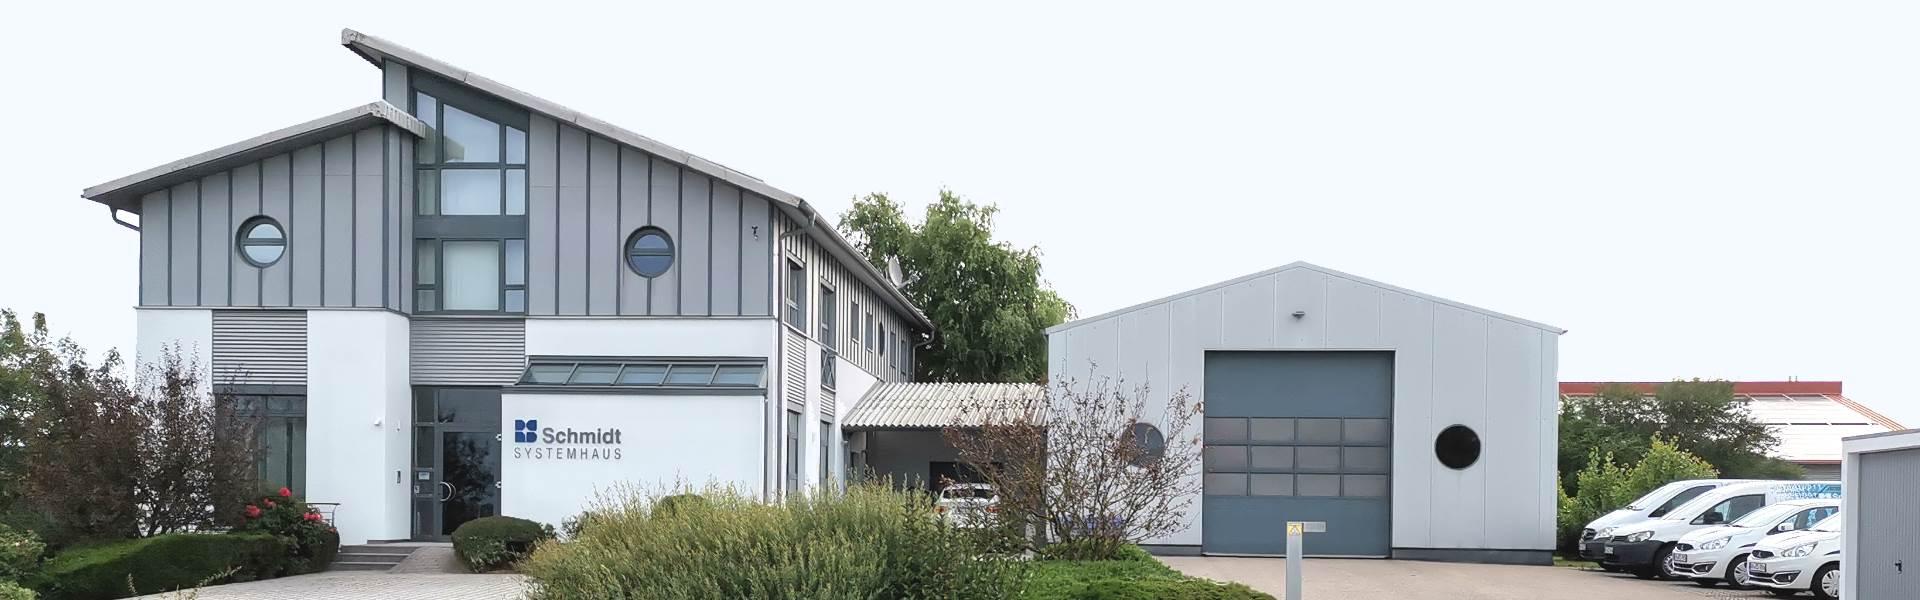 Schmidt GmbH - Systemhaus für EDV und Organisation